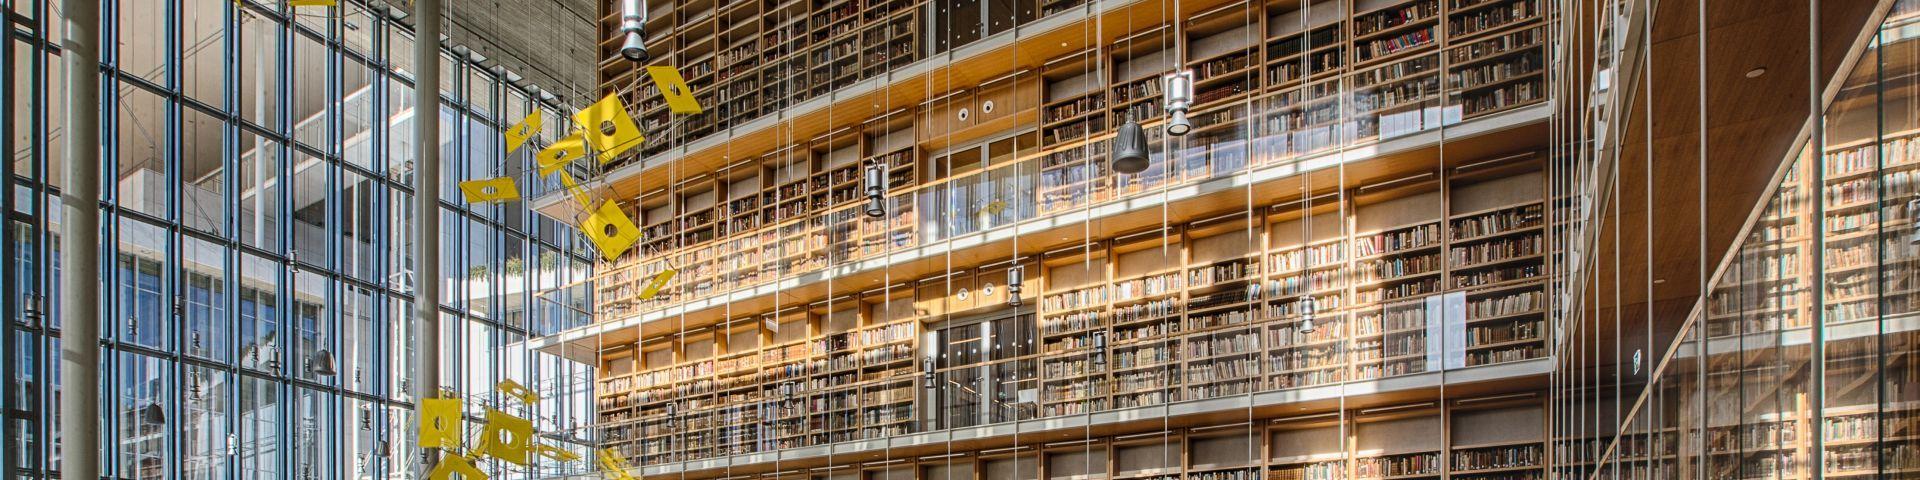 Φωτογραφία από την Υποδοχή της Εθνικής Βιβλιοθήκης της Ελλάδος (ΕΒΕ)